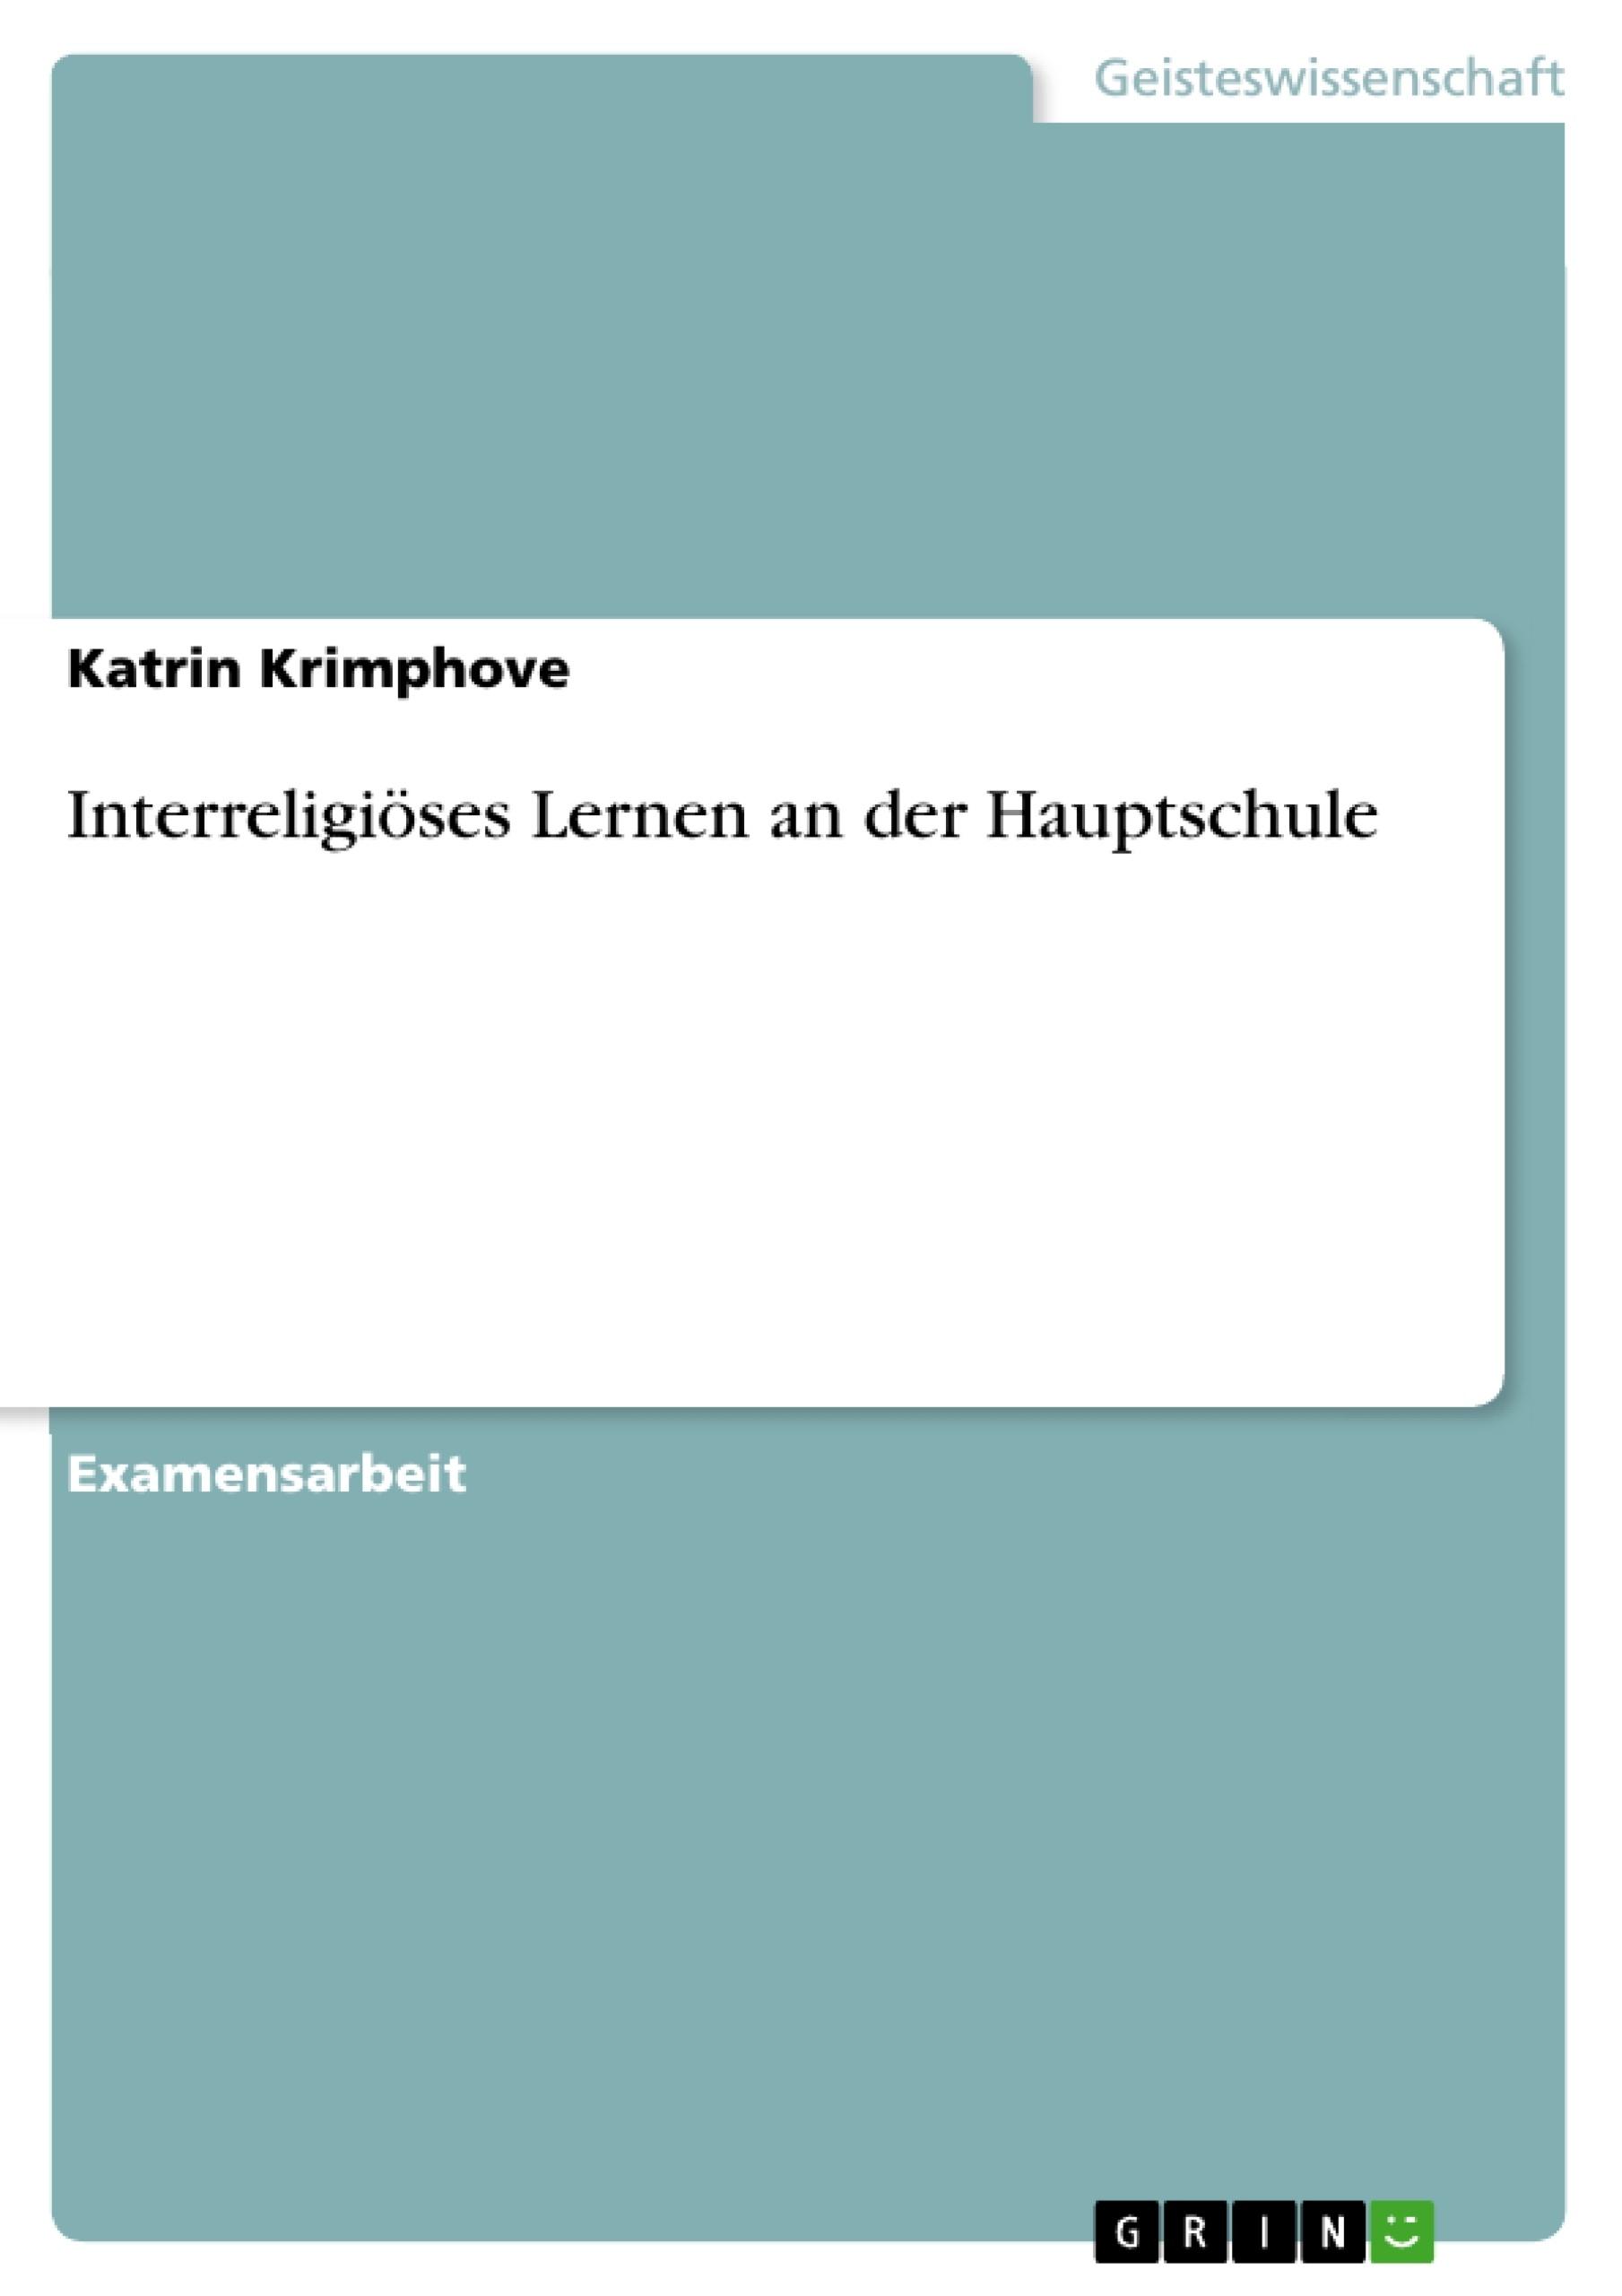 Titel: Interreligiöses Lernen an der Hauptschule